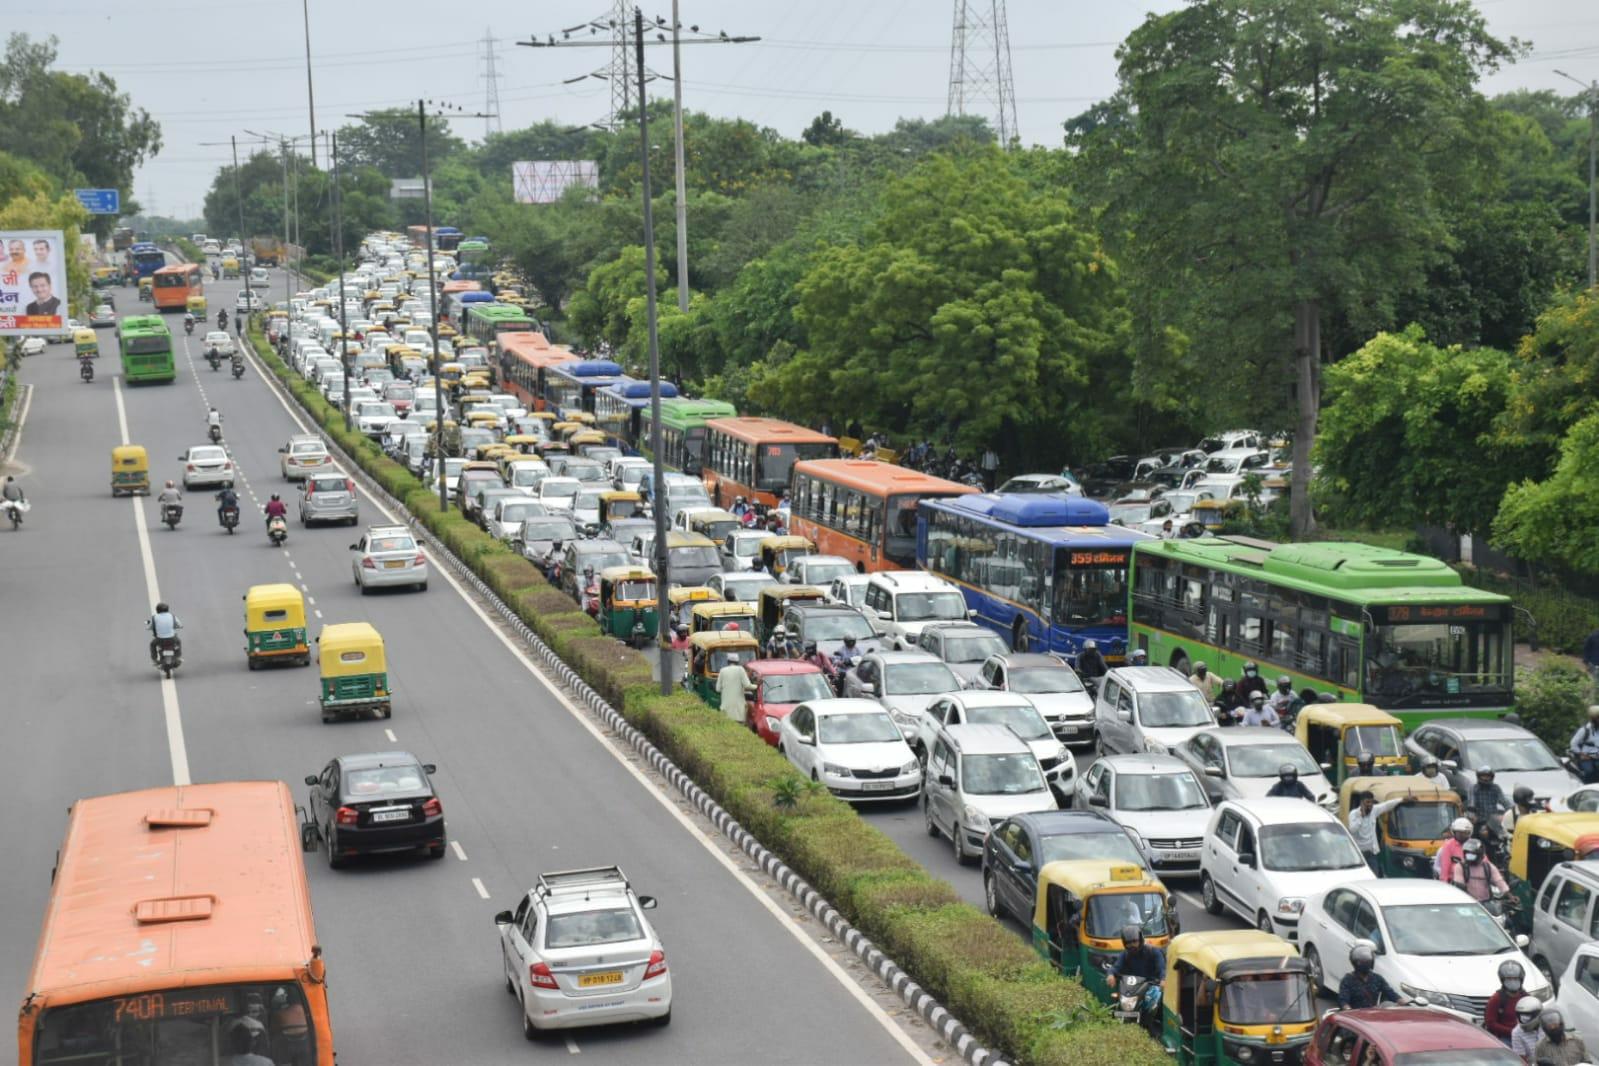 गाजियाबाद ट्रैफिक पुलिस ने जारी किया अलर्ट, कहा- यूपी से दिल्ली जाने के लिए इन रास्तों का प्रयोग न करें; कई हाईवे जाम गाजियाबाद,Ghaziabad - Dainik Bhaskar